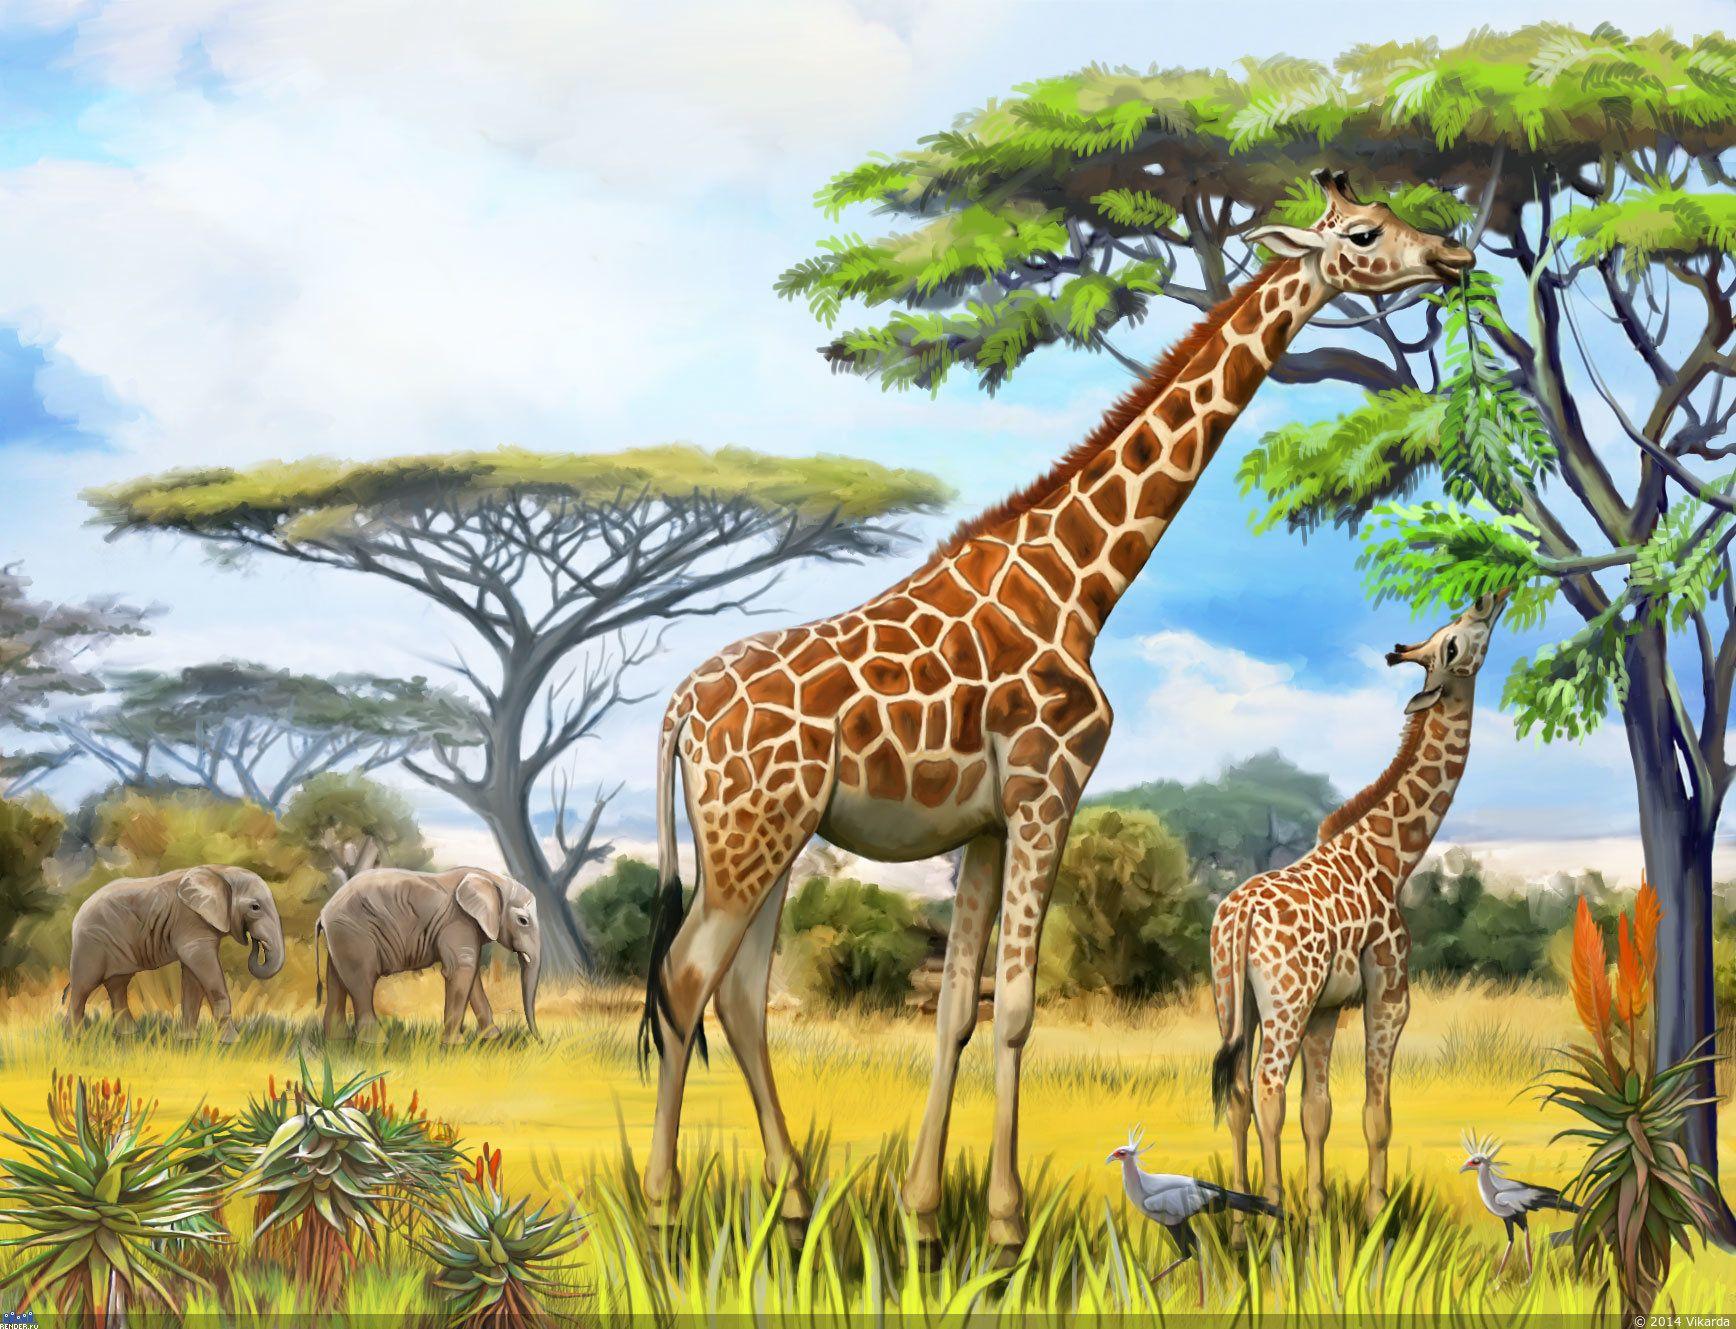 монстеры рисунок зверей африки позже отличием окончила